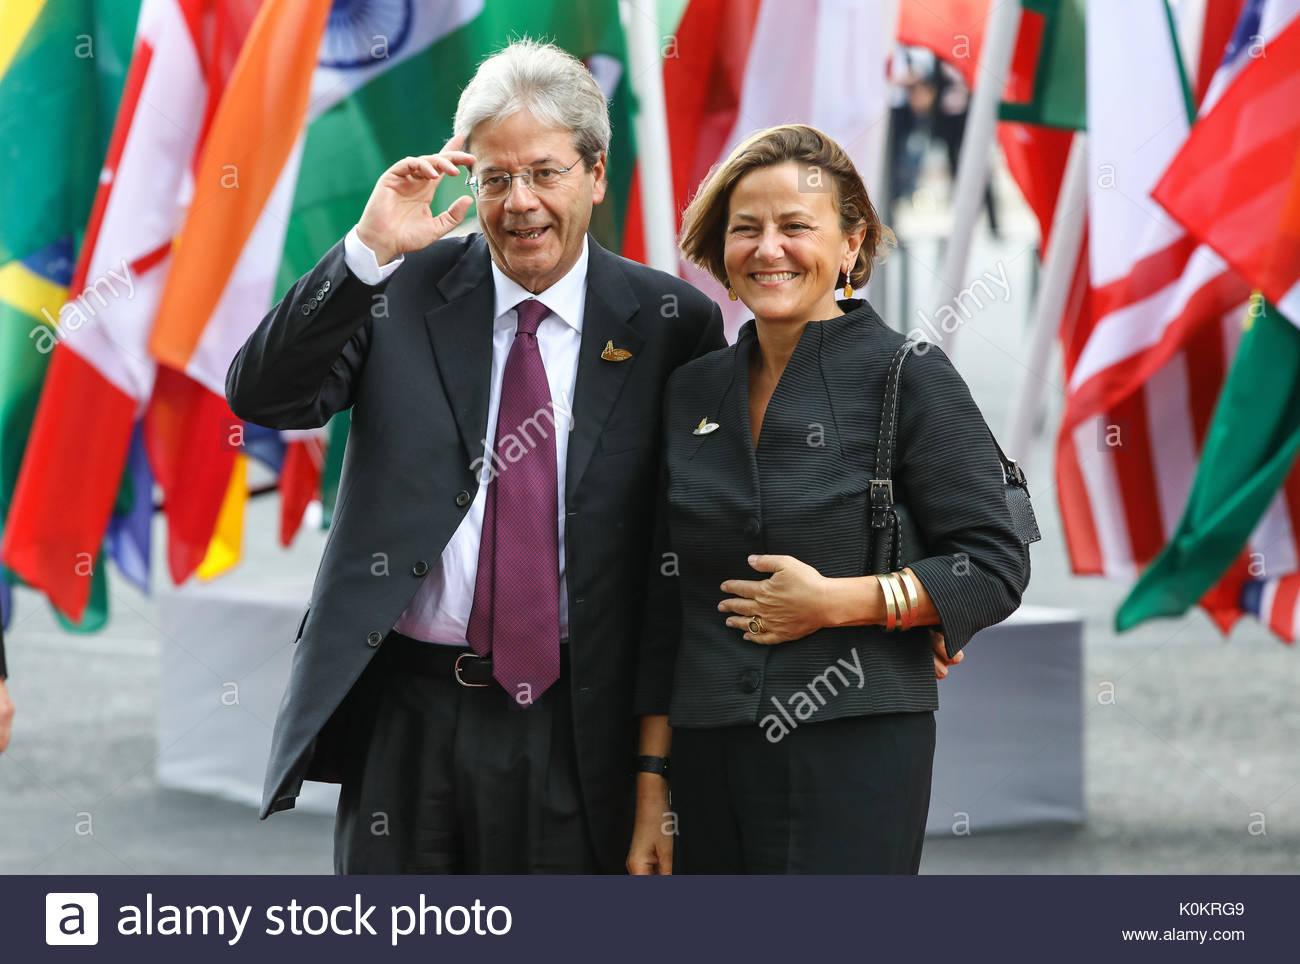 Paolo Gentiloni, Ministerpräsident Italiens mit seiner Ehefrau Emanuela Di Mauro beim Eintreffen zum G20-Konzert in der Elbphilharmonie in Hamburg. Stockbild